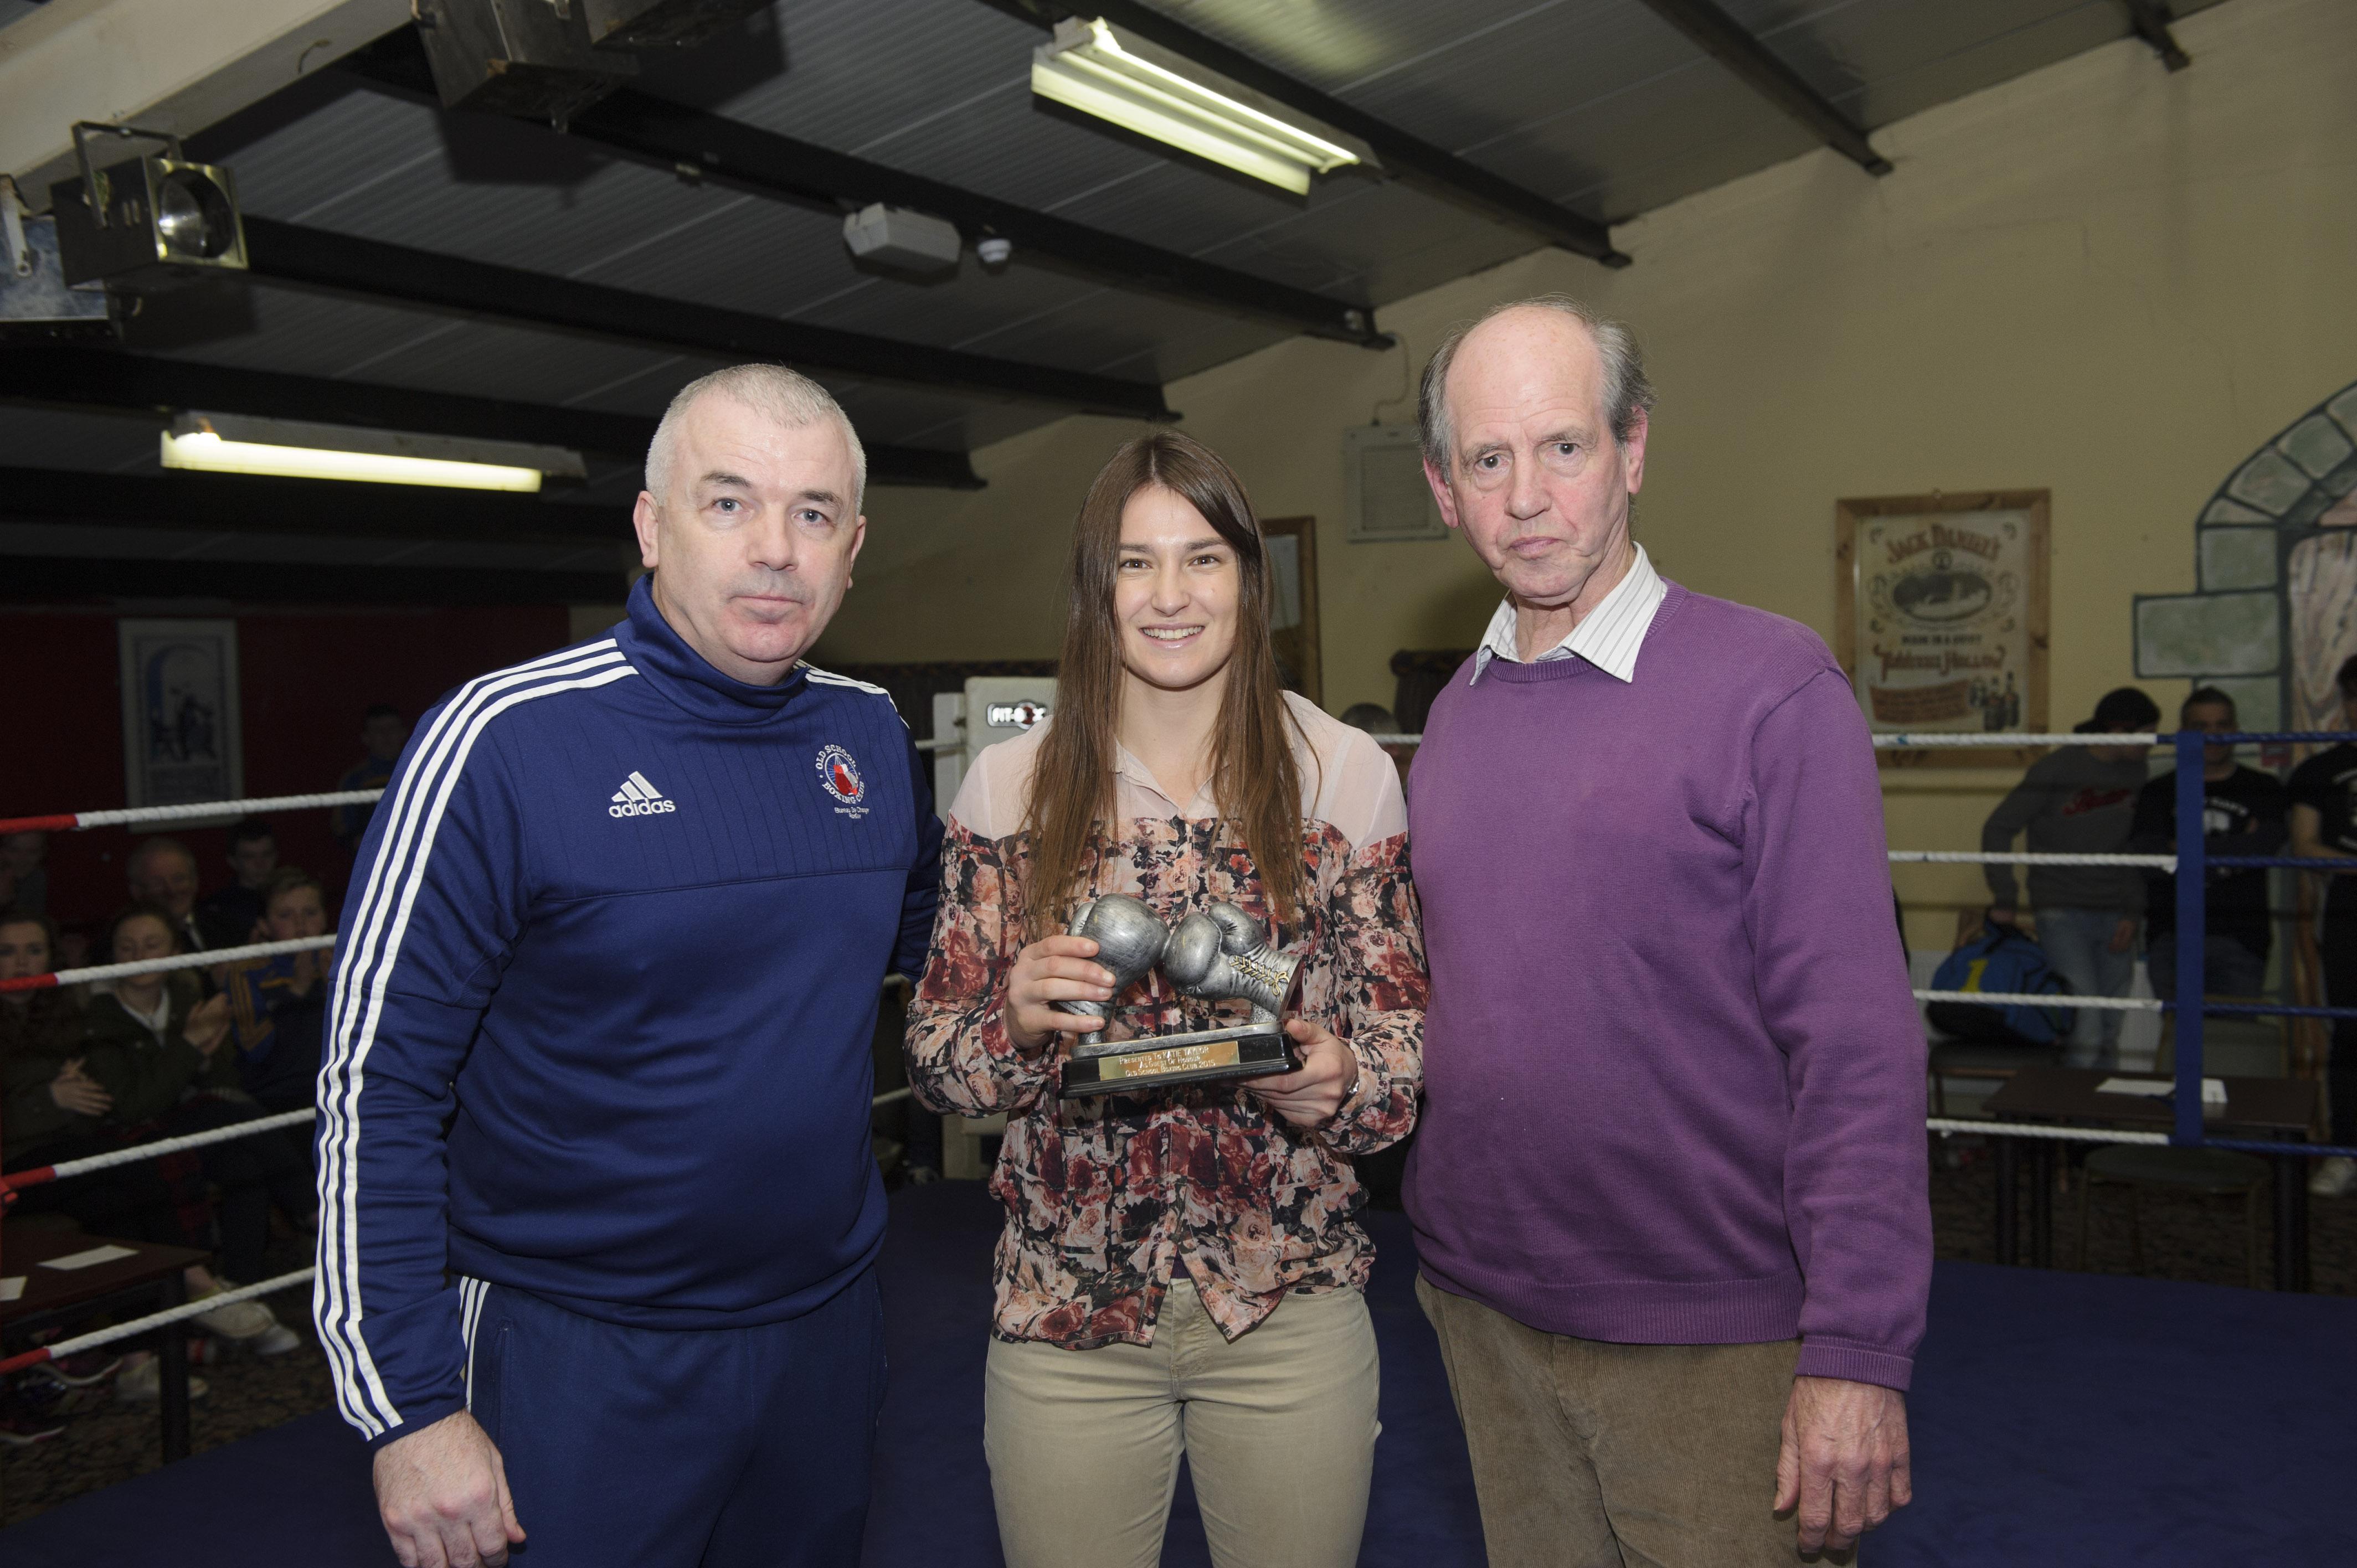 Northern Standard » Blog Archive » STEPHEN MCKENNA WINS IRISH ELITE